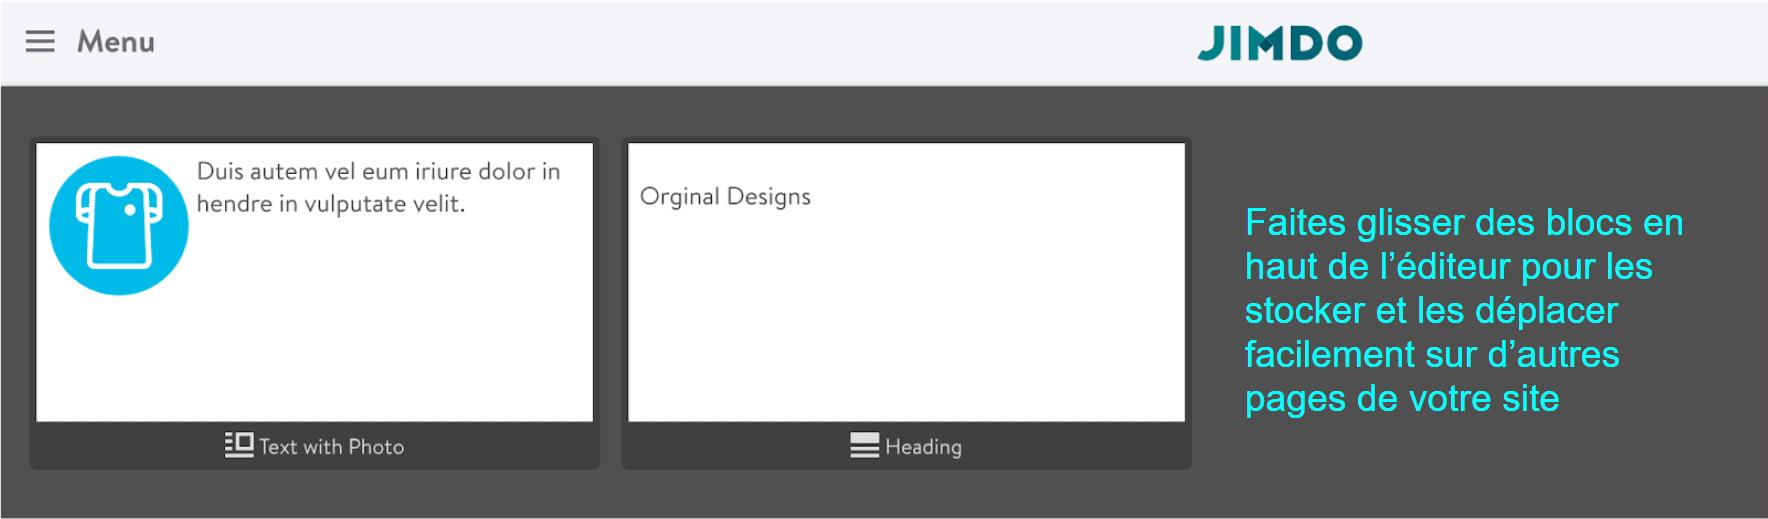 Jimdo Creator block editor workspace